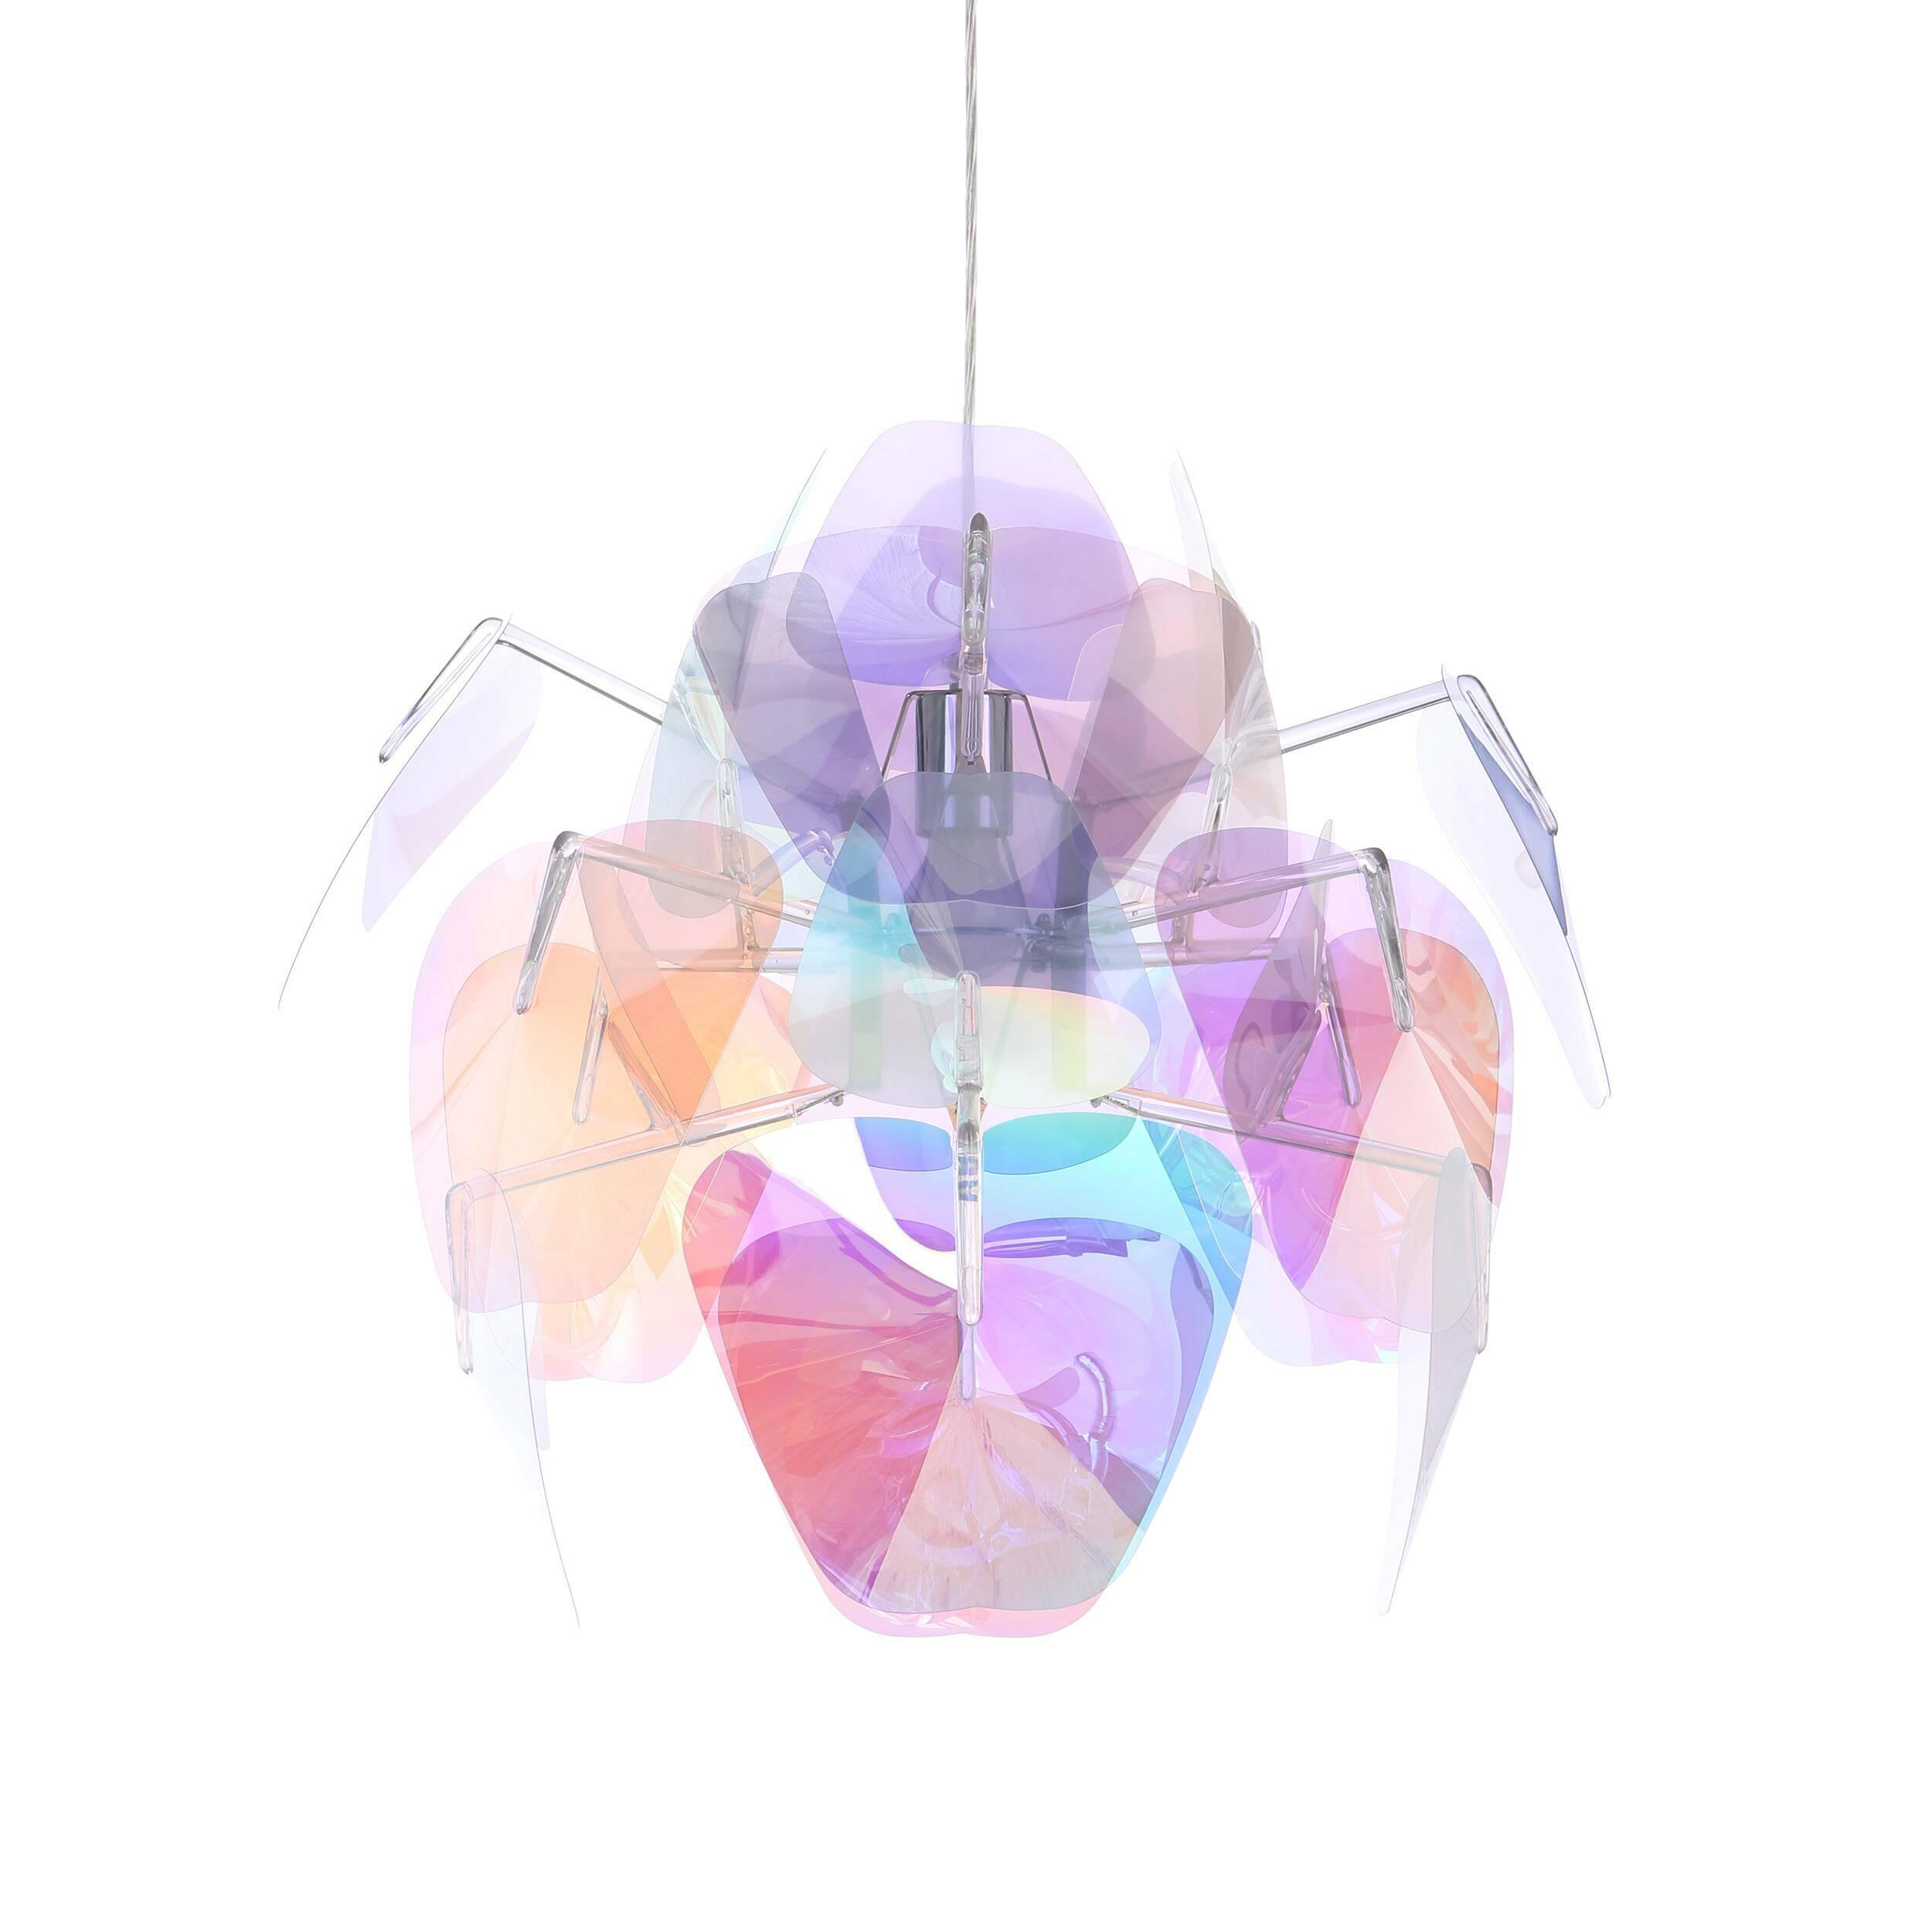 Подвесной светильник Hope диаметр 50Подвесные<br>Невероятно легкий и простой в сборке подвесной светильник Hope диаметр 50 создает волшебную атмосферу, где бы его не повесили. Его дизайн, разработанный аргентинским дизайнером Франциско Гомесом Пасом, ныне живущим в Милане, отражает новый взгляд на традиционные подвесные светильники, а в его изготовлении использованы инновационные технологии и новейшие материалы. <br> <br> Массивный с виду светильник очень легок — тончайшие вставки изготовлены из френелевских линз. Многогранная цветовая пал...<br><br>stock: 6<br>Высота: 200<br>Диаметр: 50<br>Количество ламп: 1<br>Материал абажура: Поликарбонат<br>Материал арматуры: Сталь<br>Мощность лампы: 100<br>Ламп в комплекте: Нет<br>Напряжение: 220<br>Тип лампы/цоколь: E27<br>Цвет абажура: Прозрачный